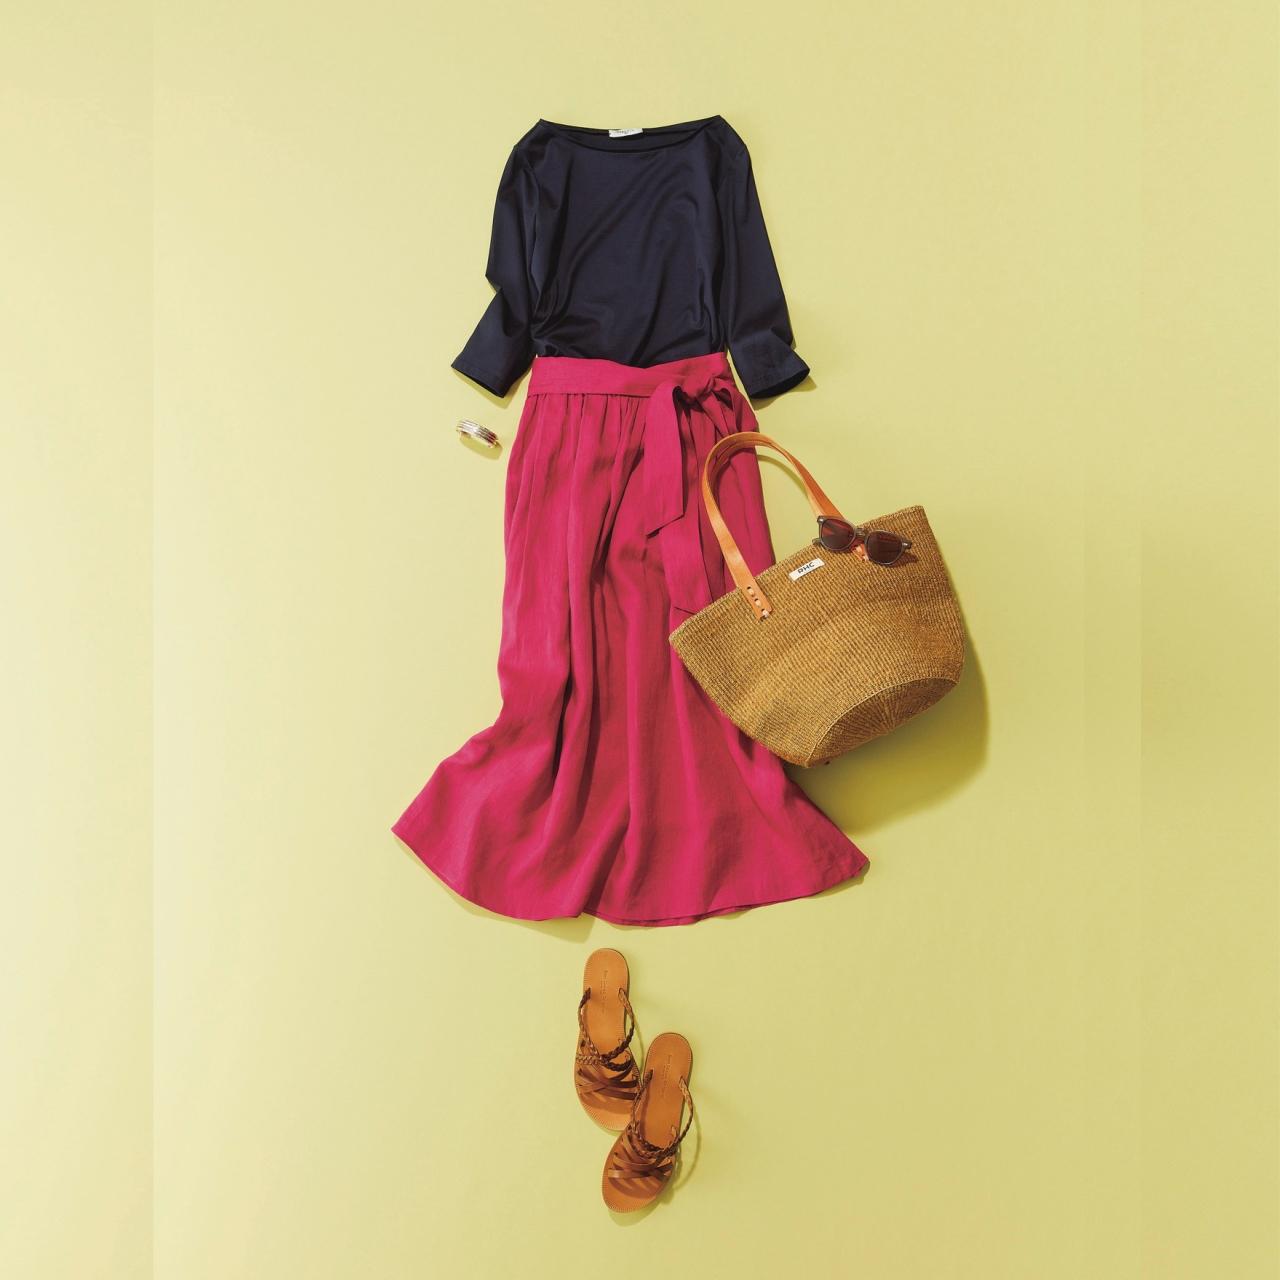 カットソー×ピンクのリネン素材ロングスカートコーデ